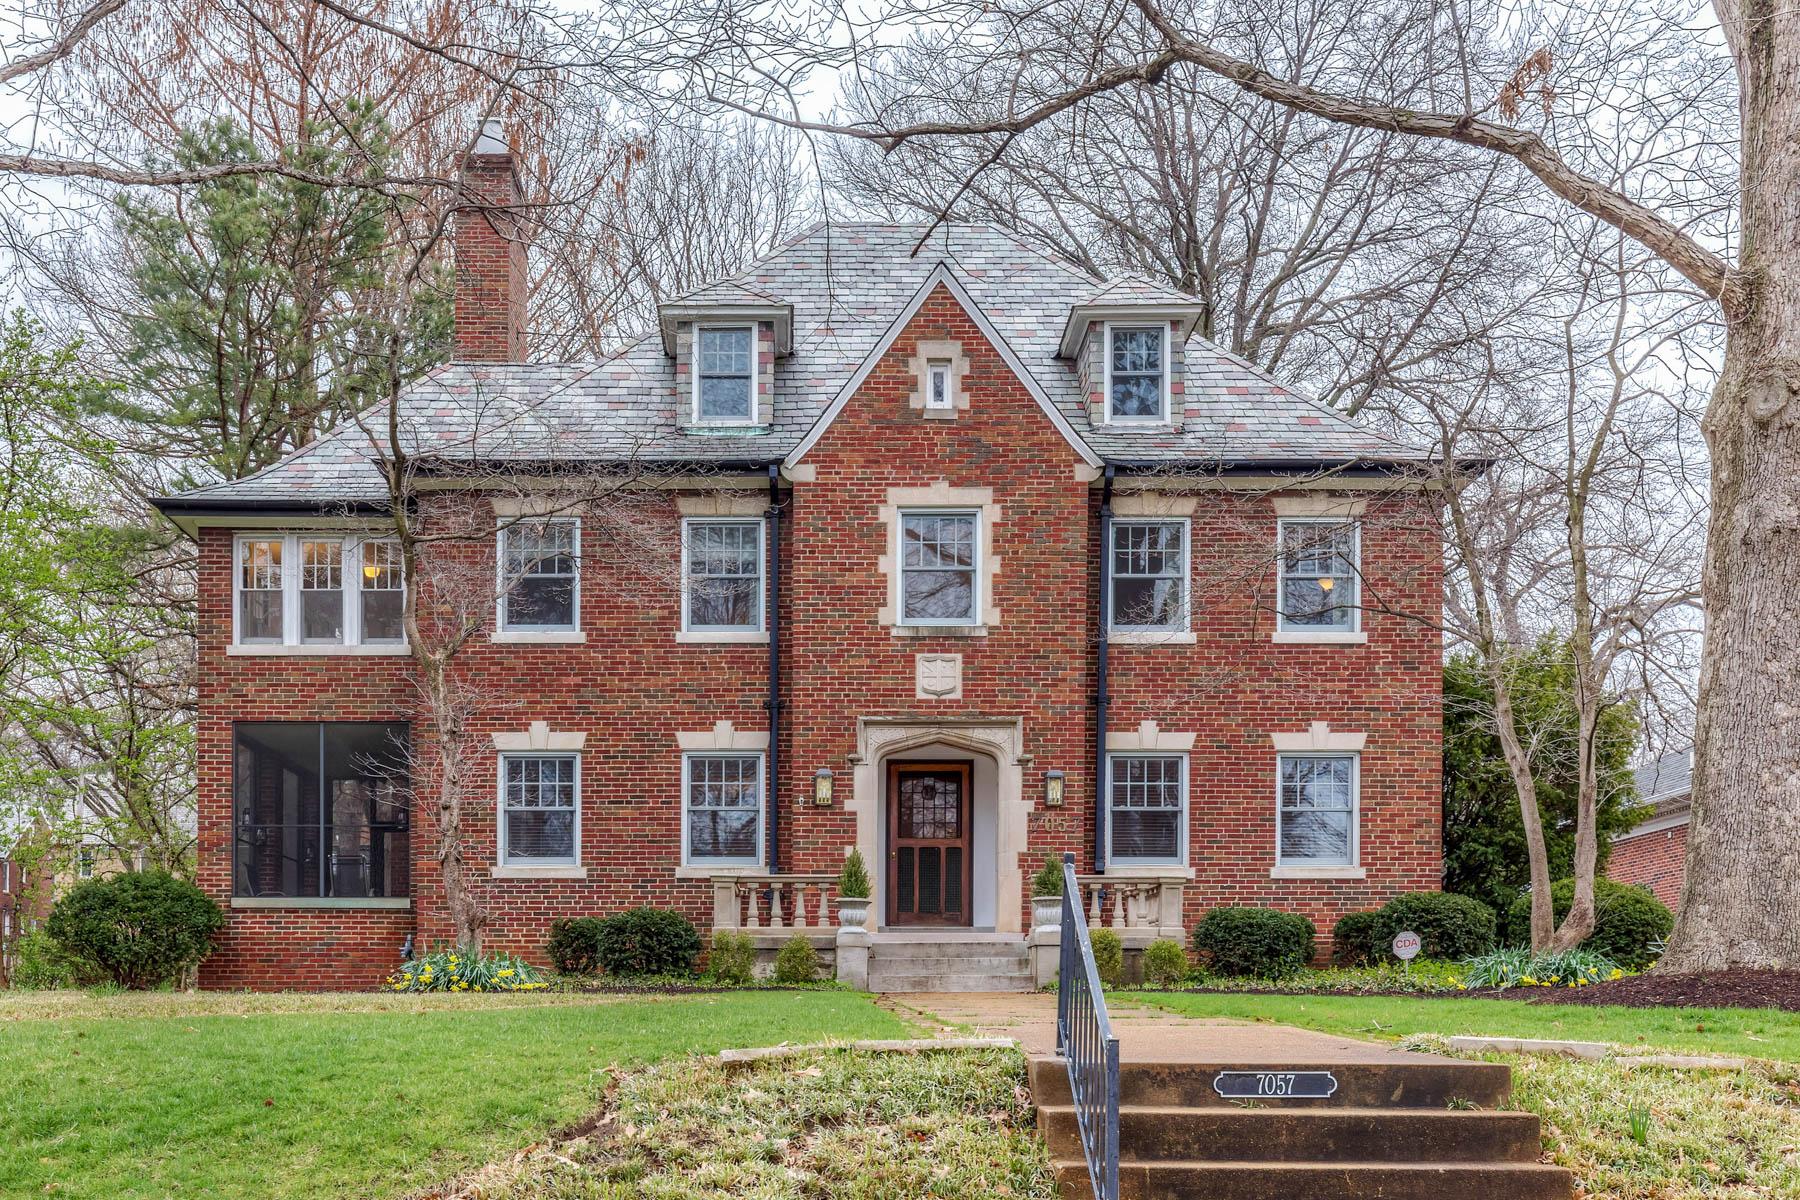 Einfamilienhaus für Verkauf beim Kingsbury Blvd 7057 Kingsbury Blvd University City, Missouri, 63130 Vereinigte Staaten